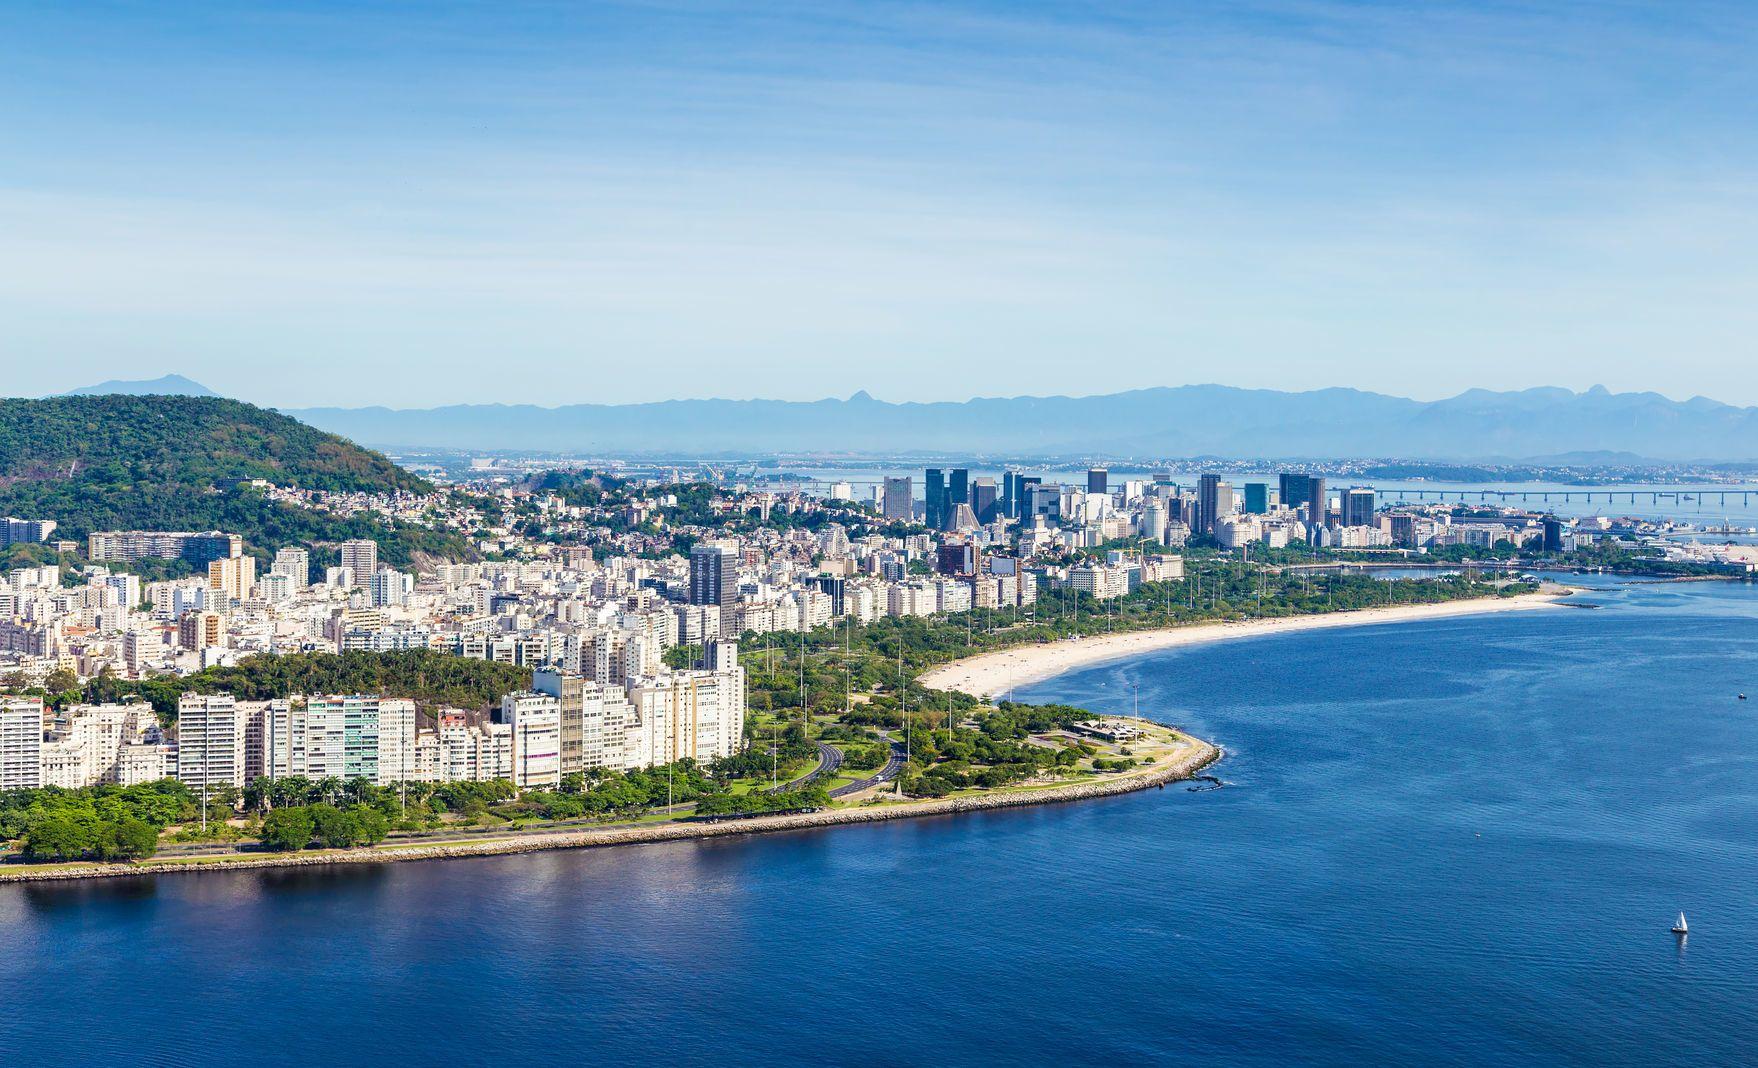 Brazilské pobřeží v Rio de Janeiru   filipefrazao/123RF.com